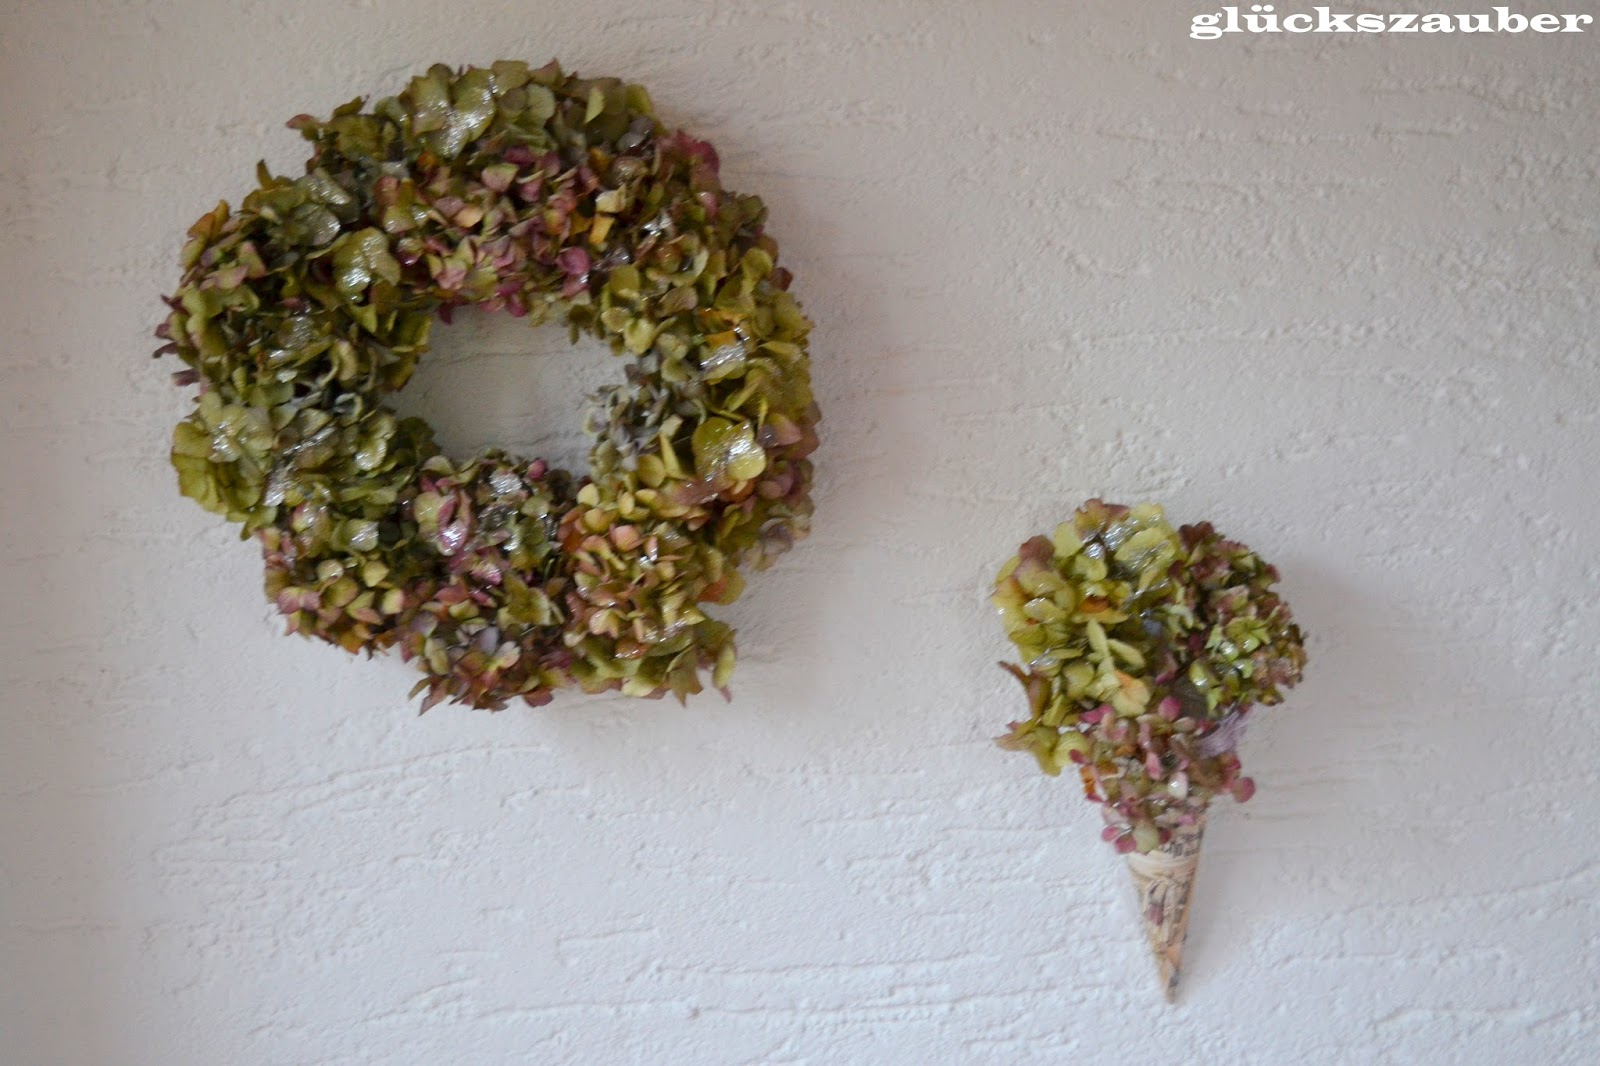 gl ckszauber winterliche dekoration mit hortensien. Black Bedroom Furniture Sets. Home Design Ideas